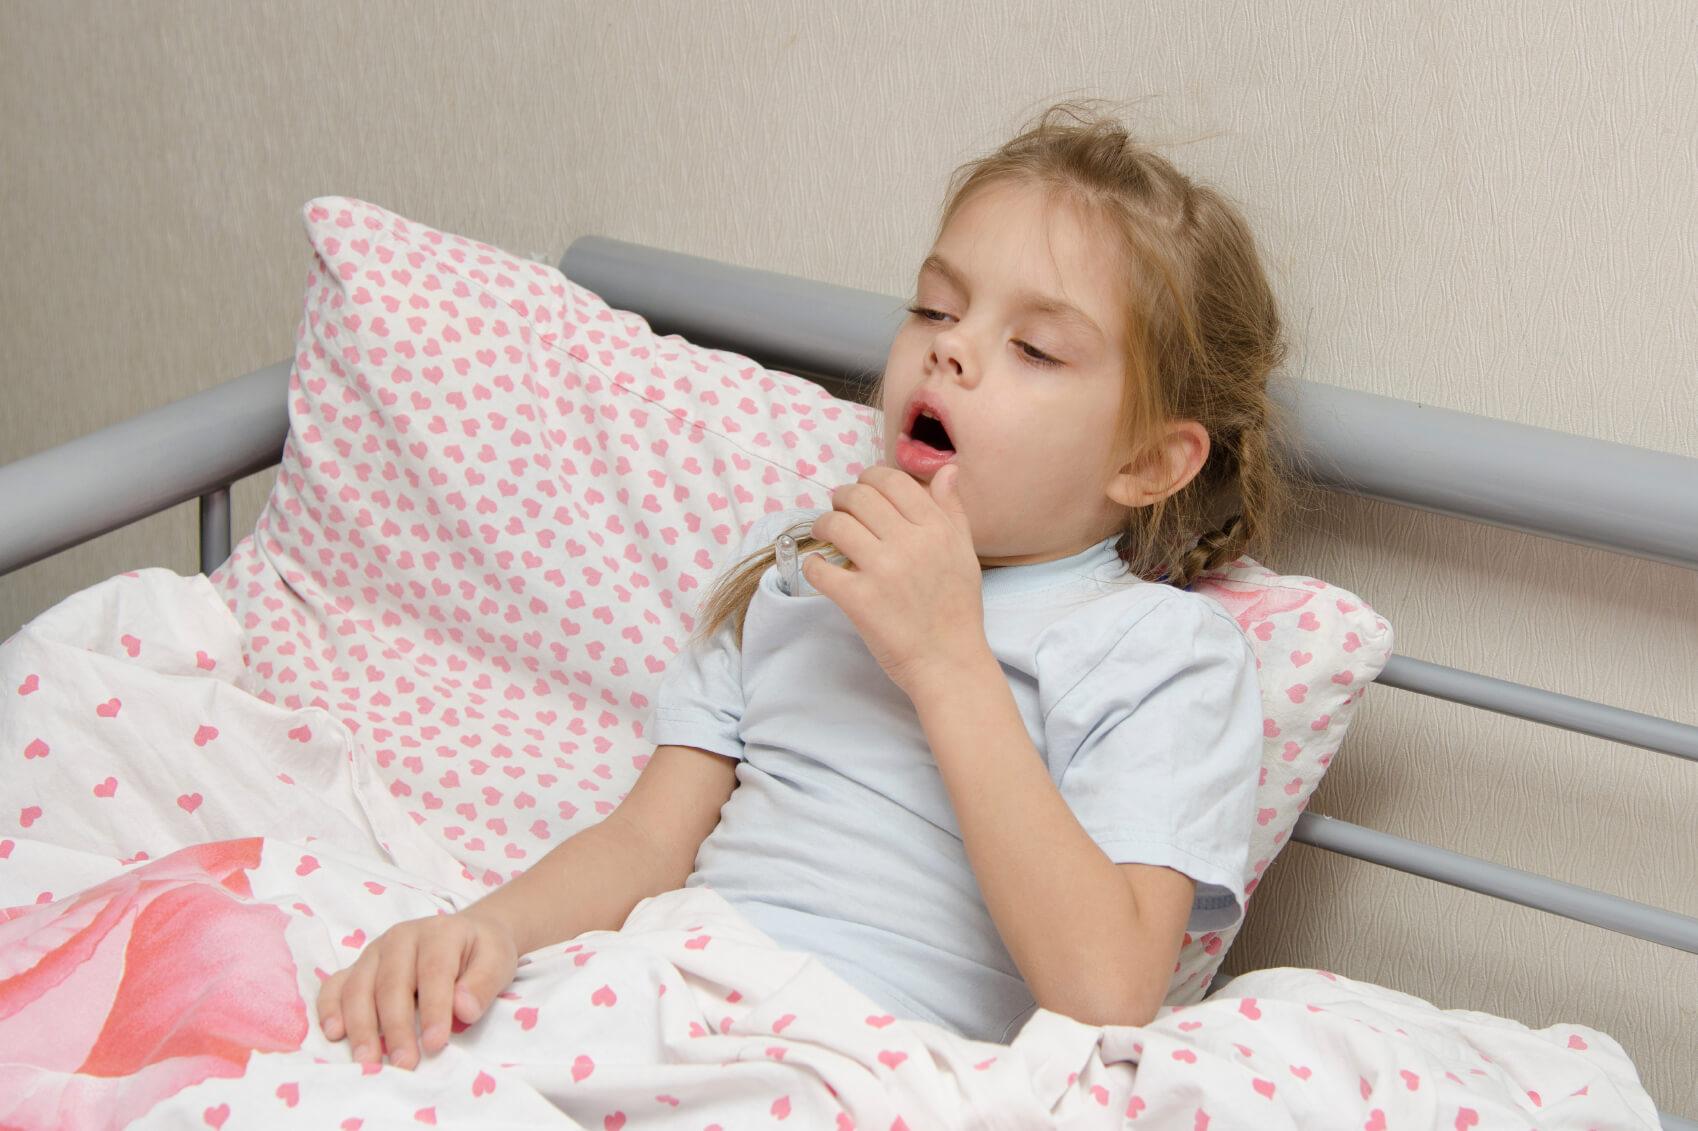 Diseased girl lying in bed coughing